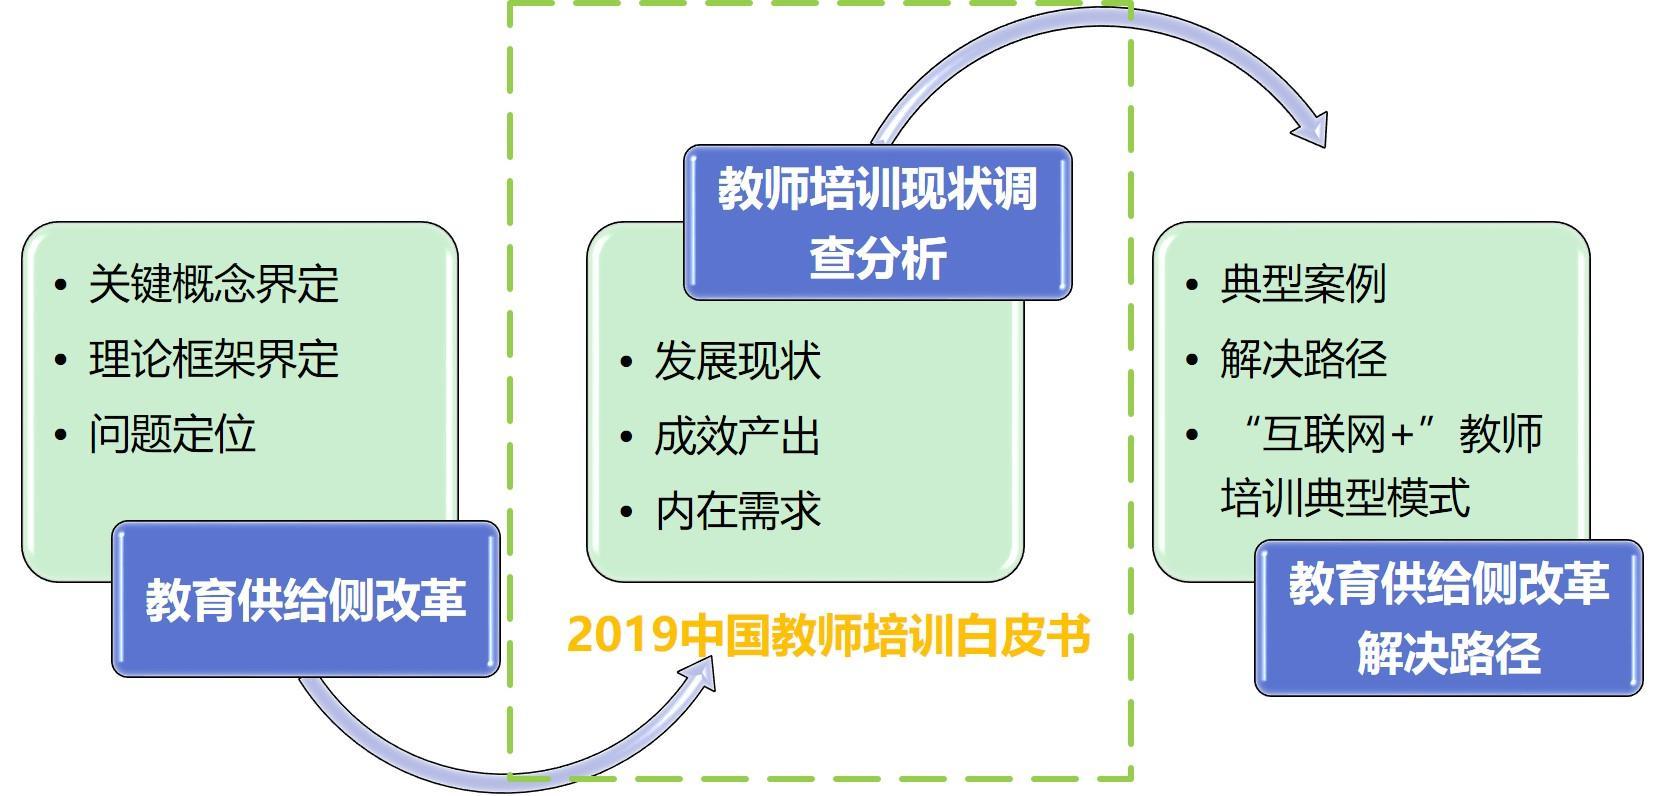 《2019中国教师培训白皮书》发布多维解读教师培训现状